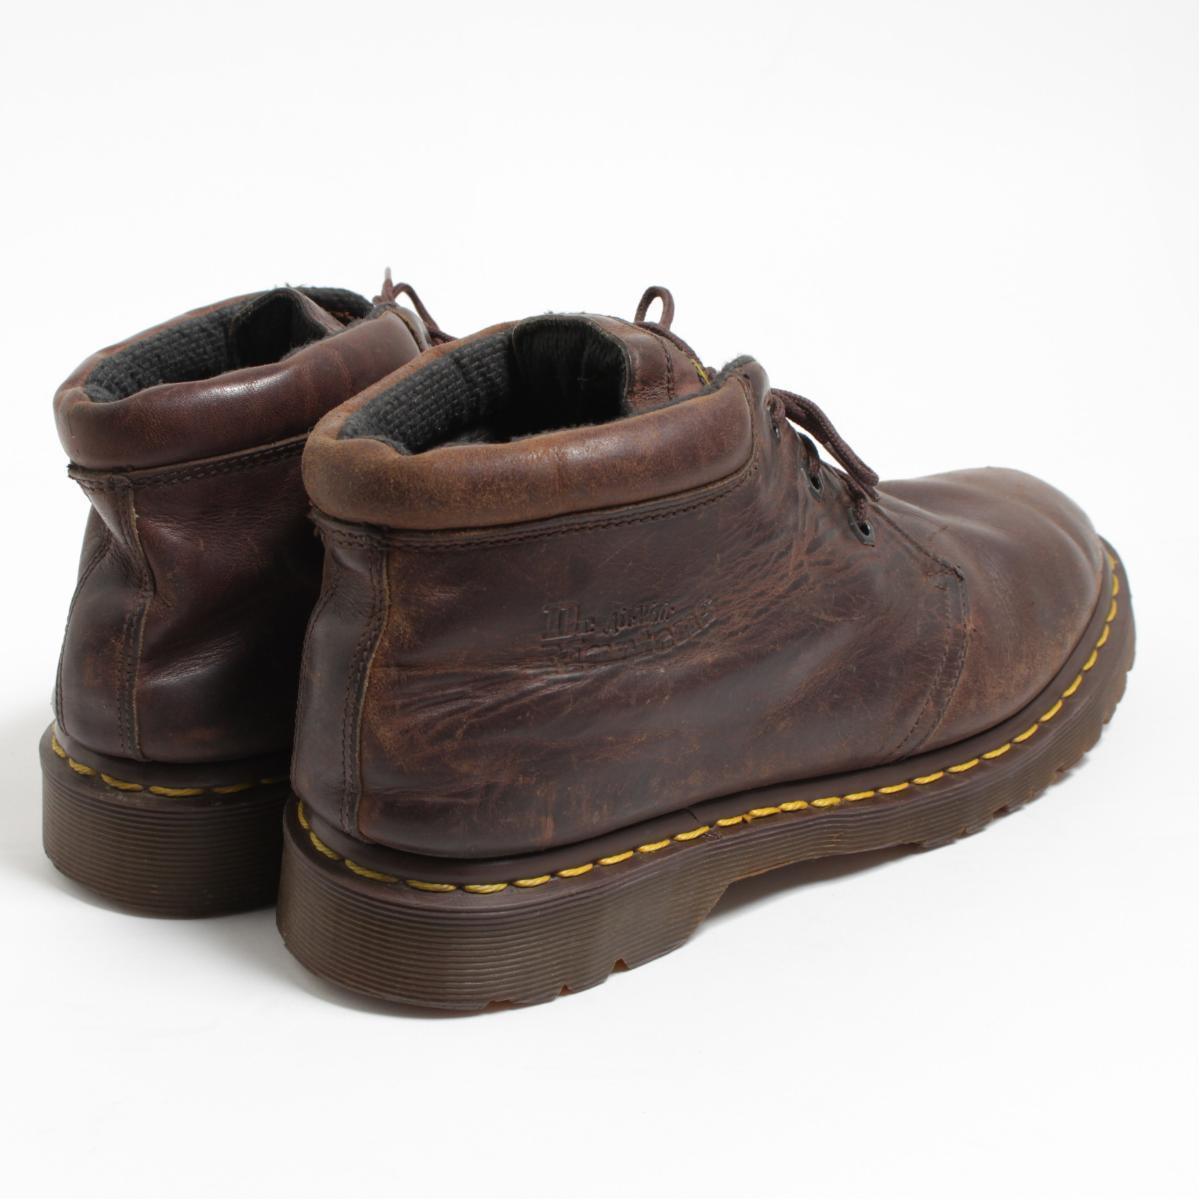 UK9 men 27.5cm /bom5195 made in the doctor Martin Dr.Martens 3 hall boots U.K.